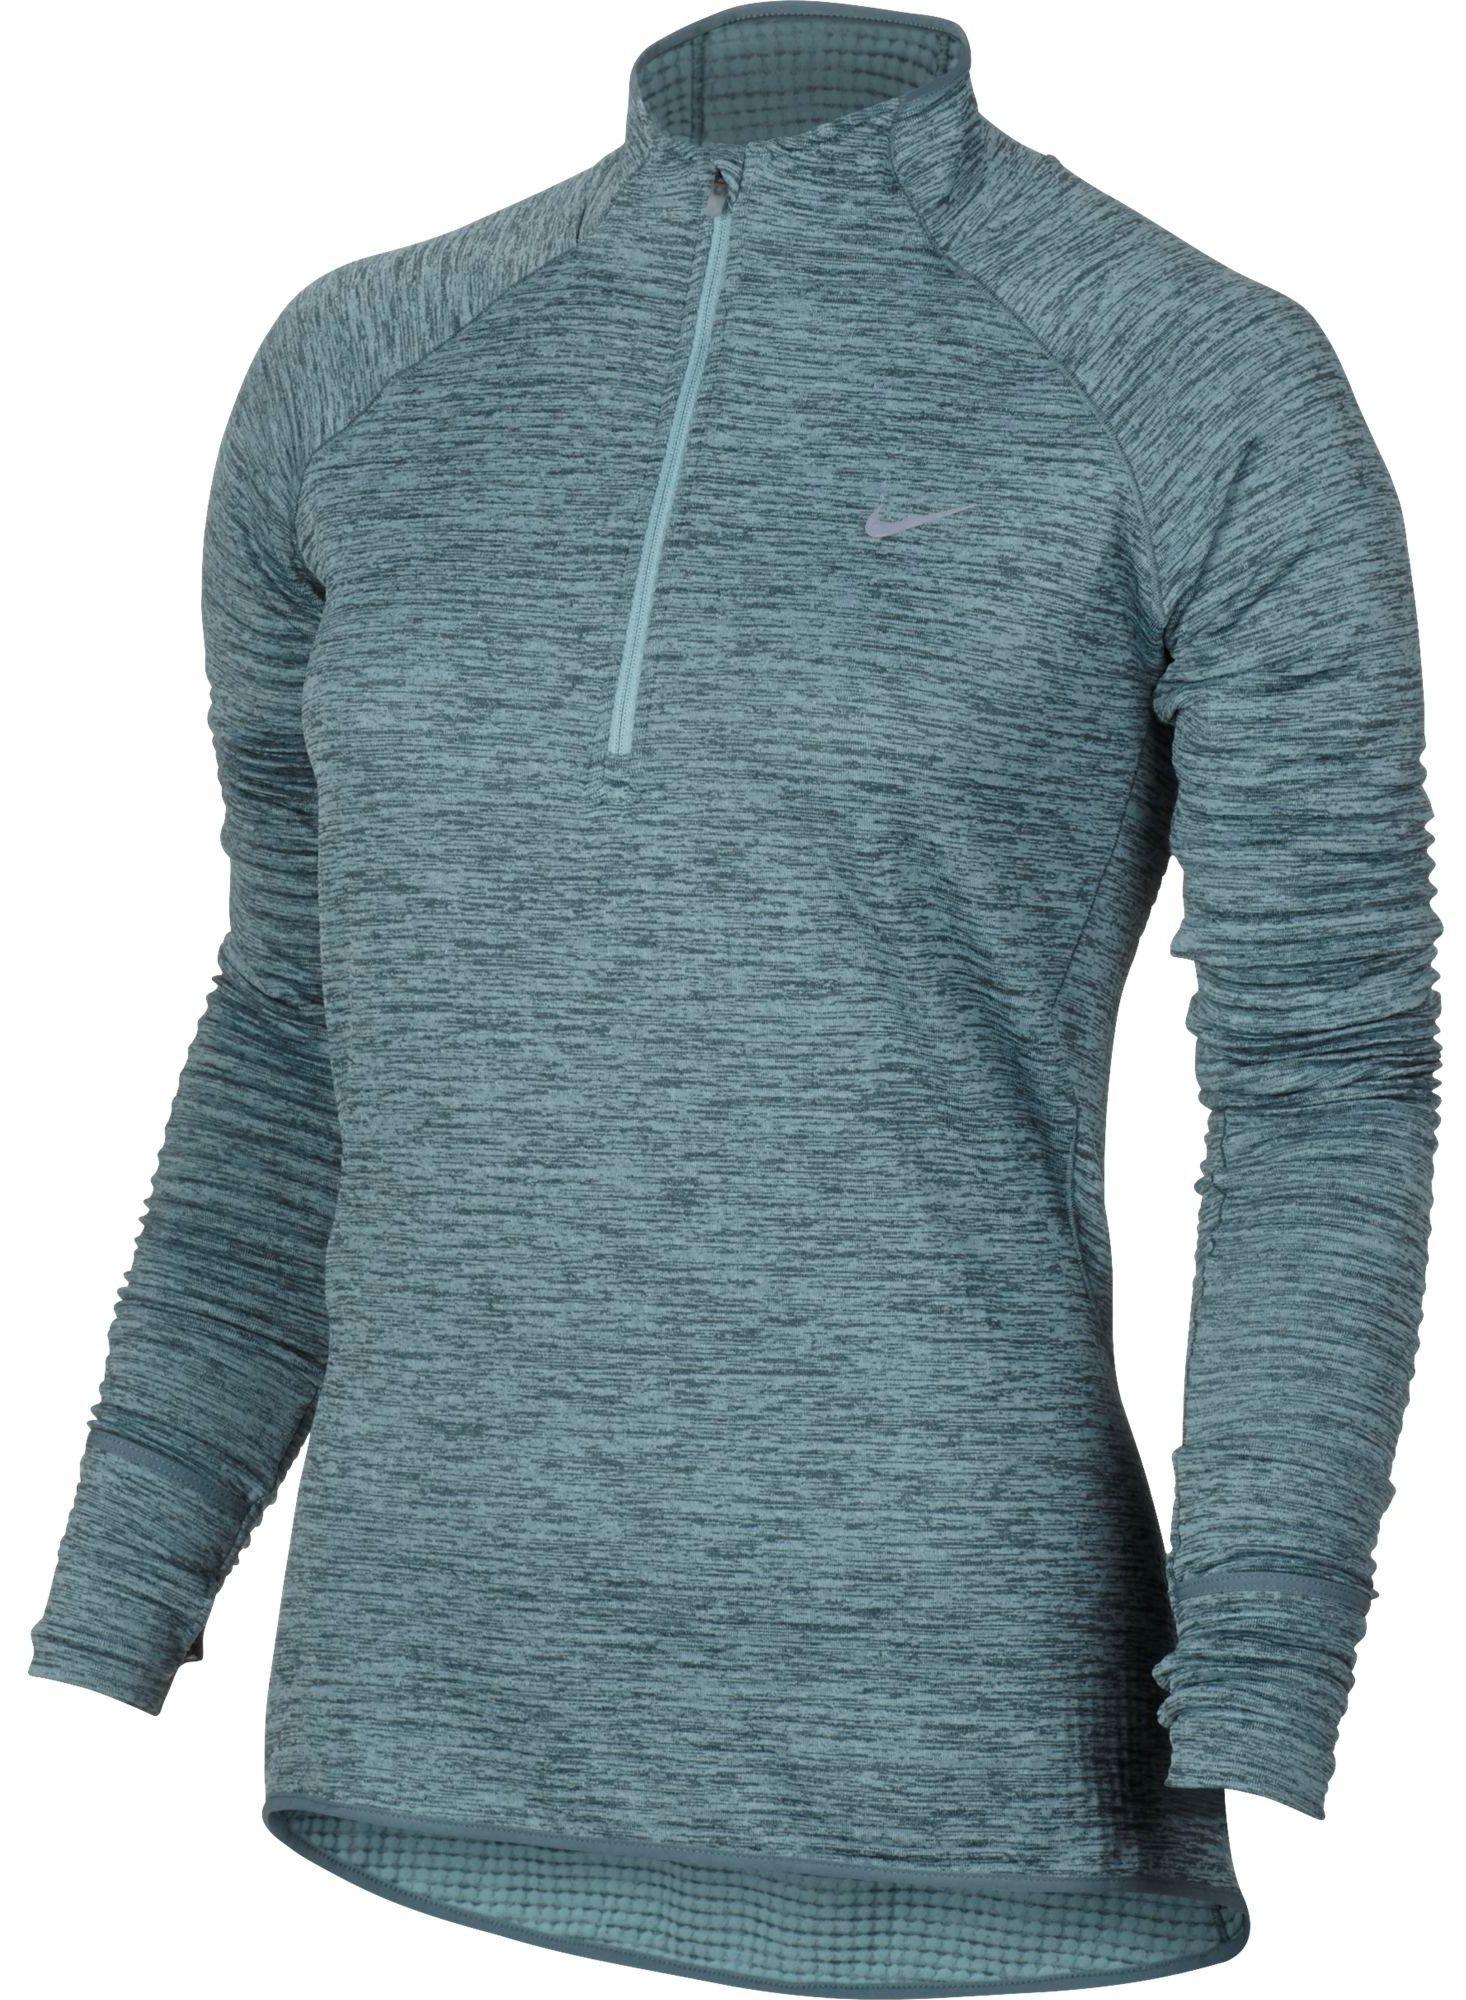 3106ae7c купить Кофта Nike Element Sphere 1/2 Zip W